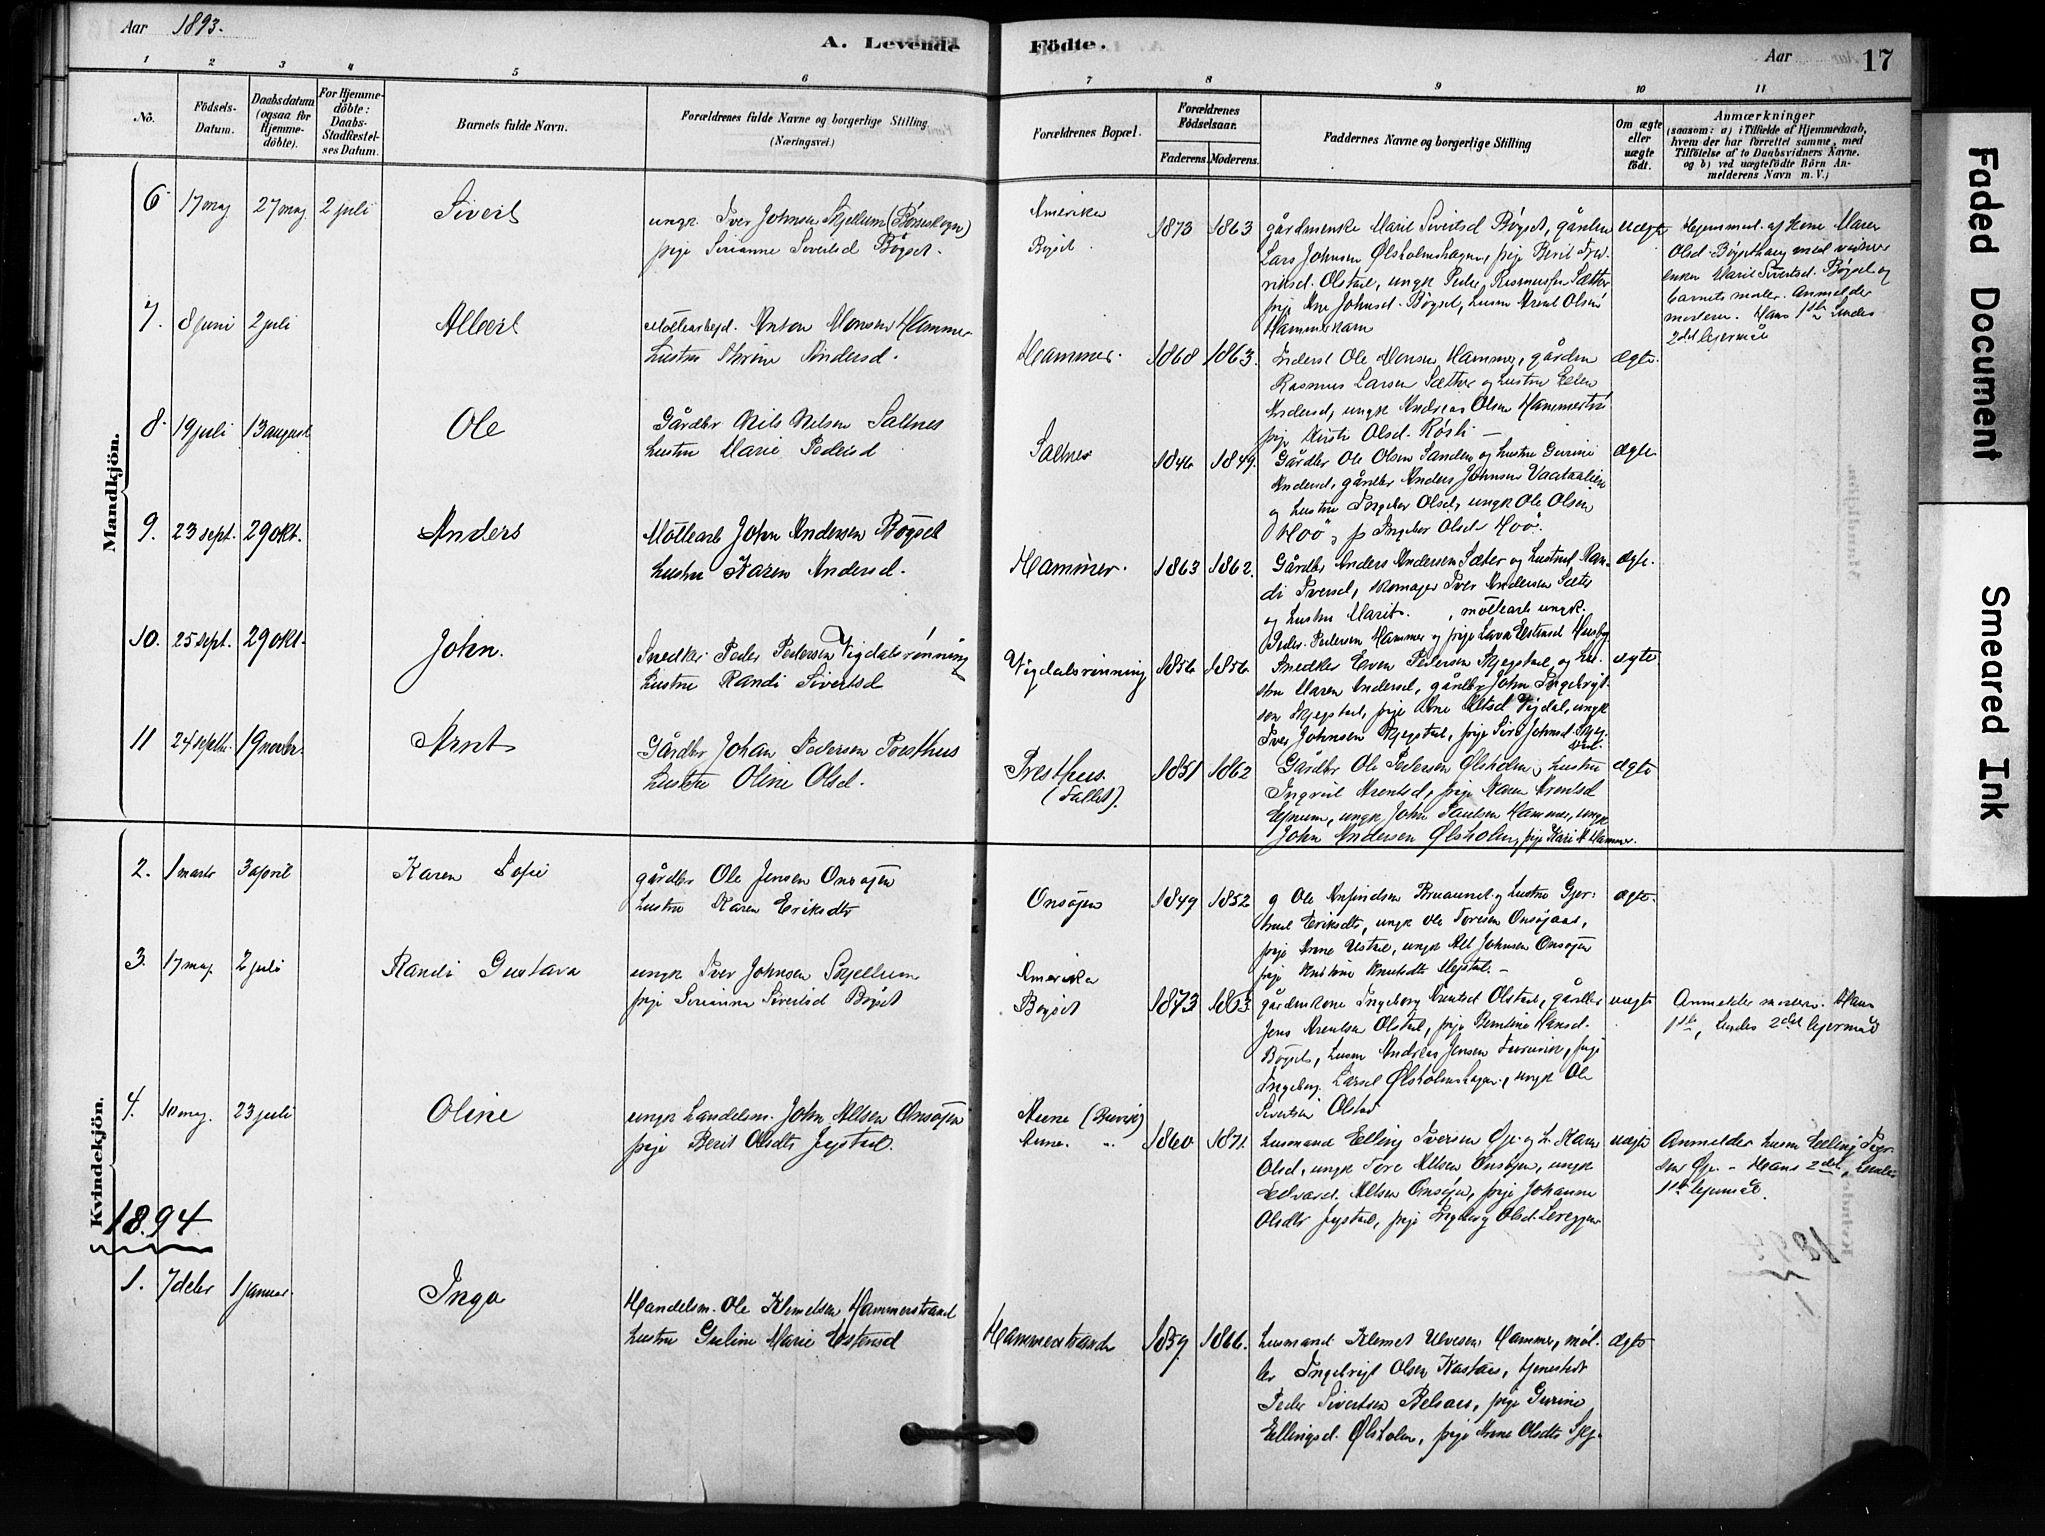 SAT, Ministerialprotokoller, klokkerbøker og fødselsregistre - Sør-Trøndelag, 666/L0786: Ministerialbok nr. 666A04, 1878-1895, s. 17